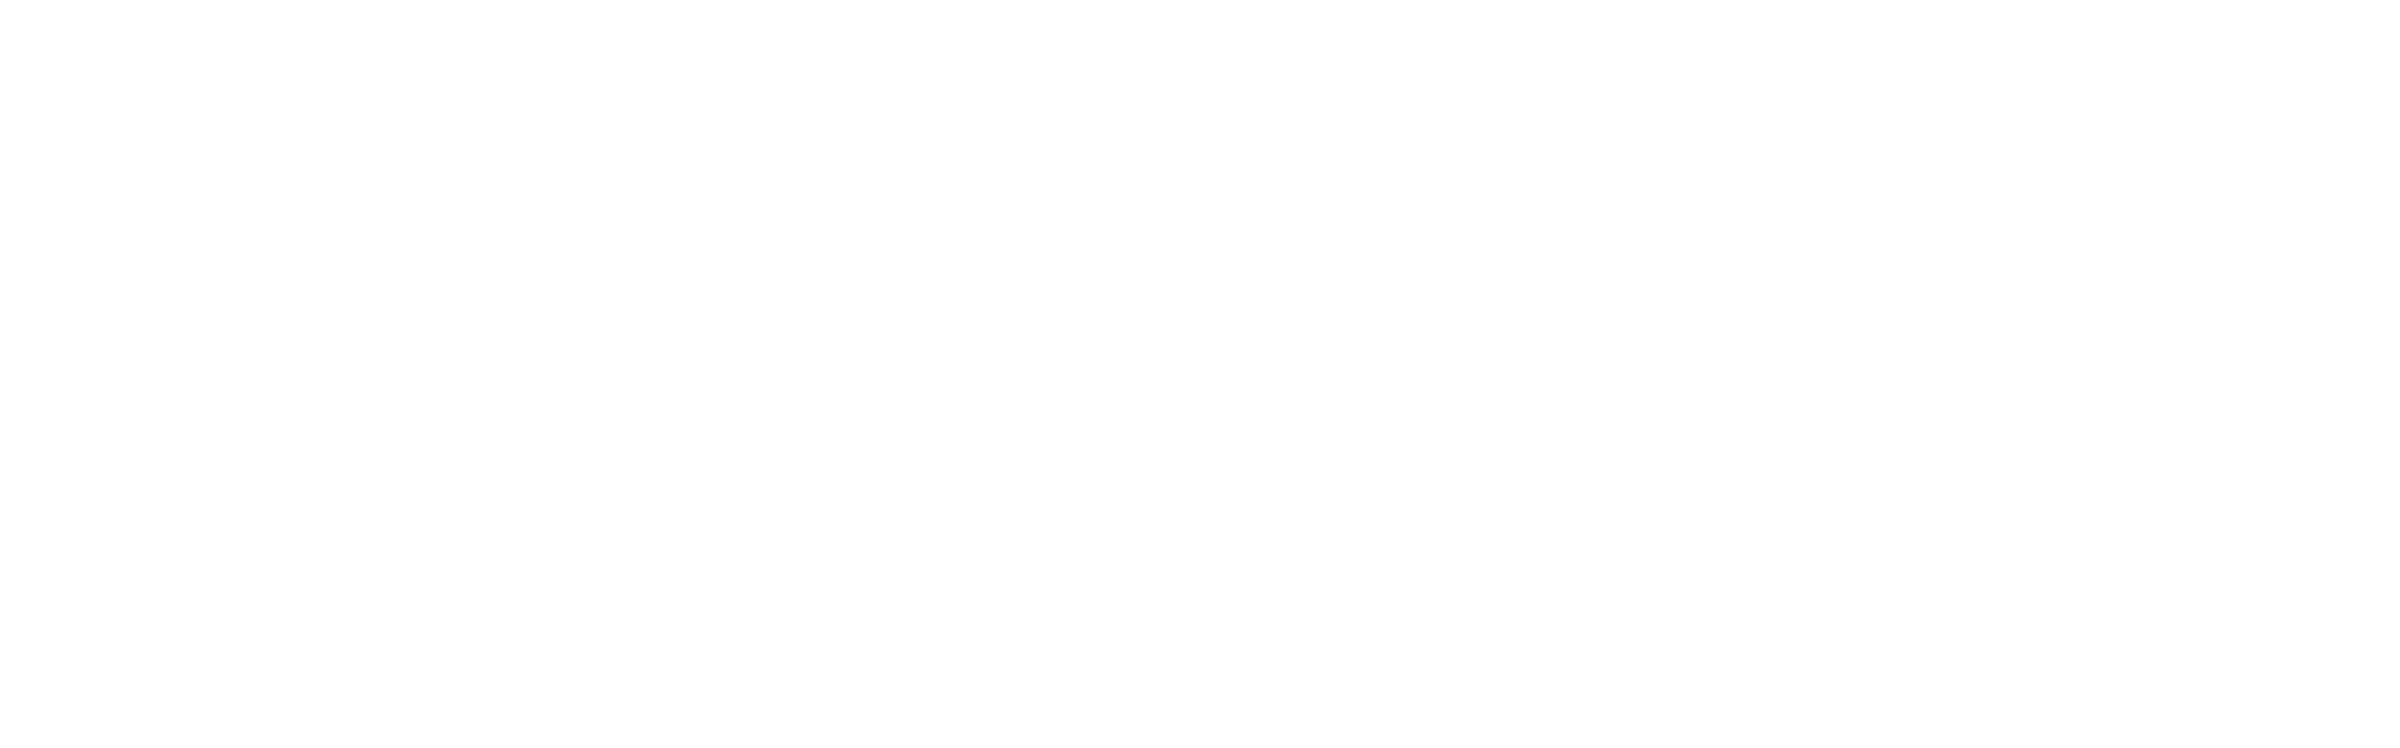 Potential Motors logo icon white